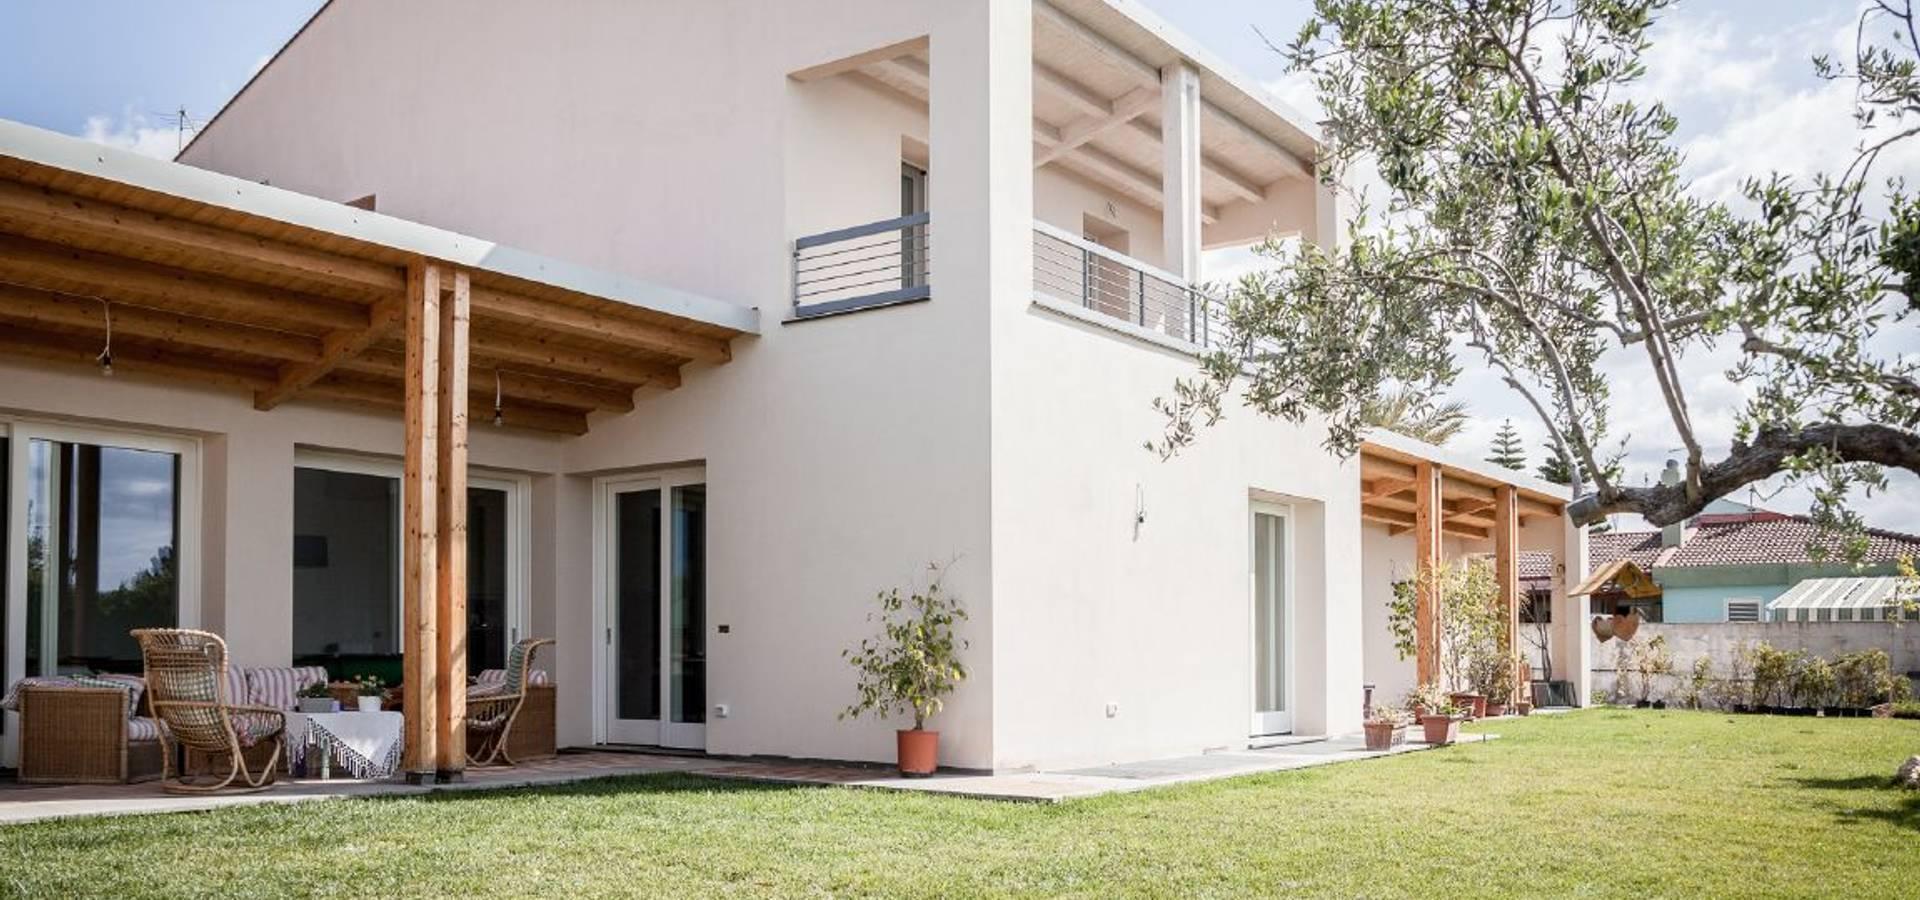 casa mediterranea ad alta efficienza energetica a e d